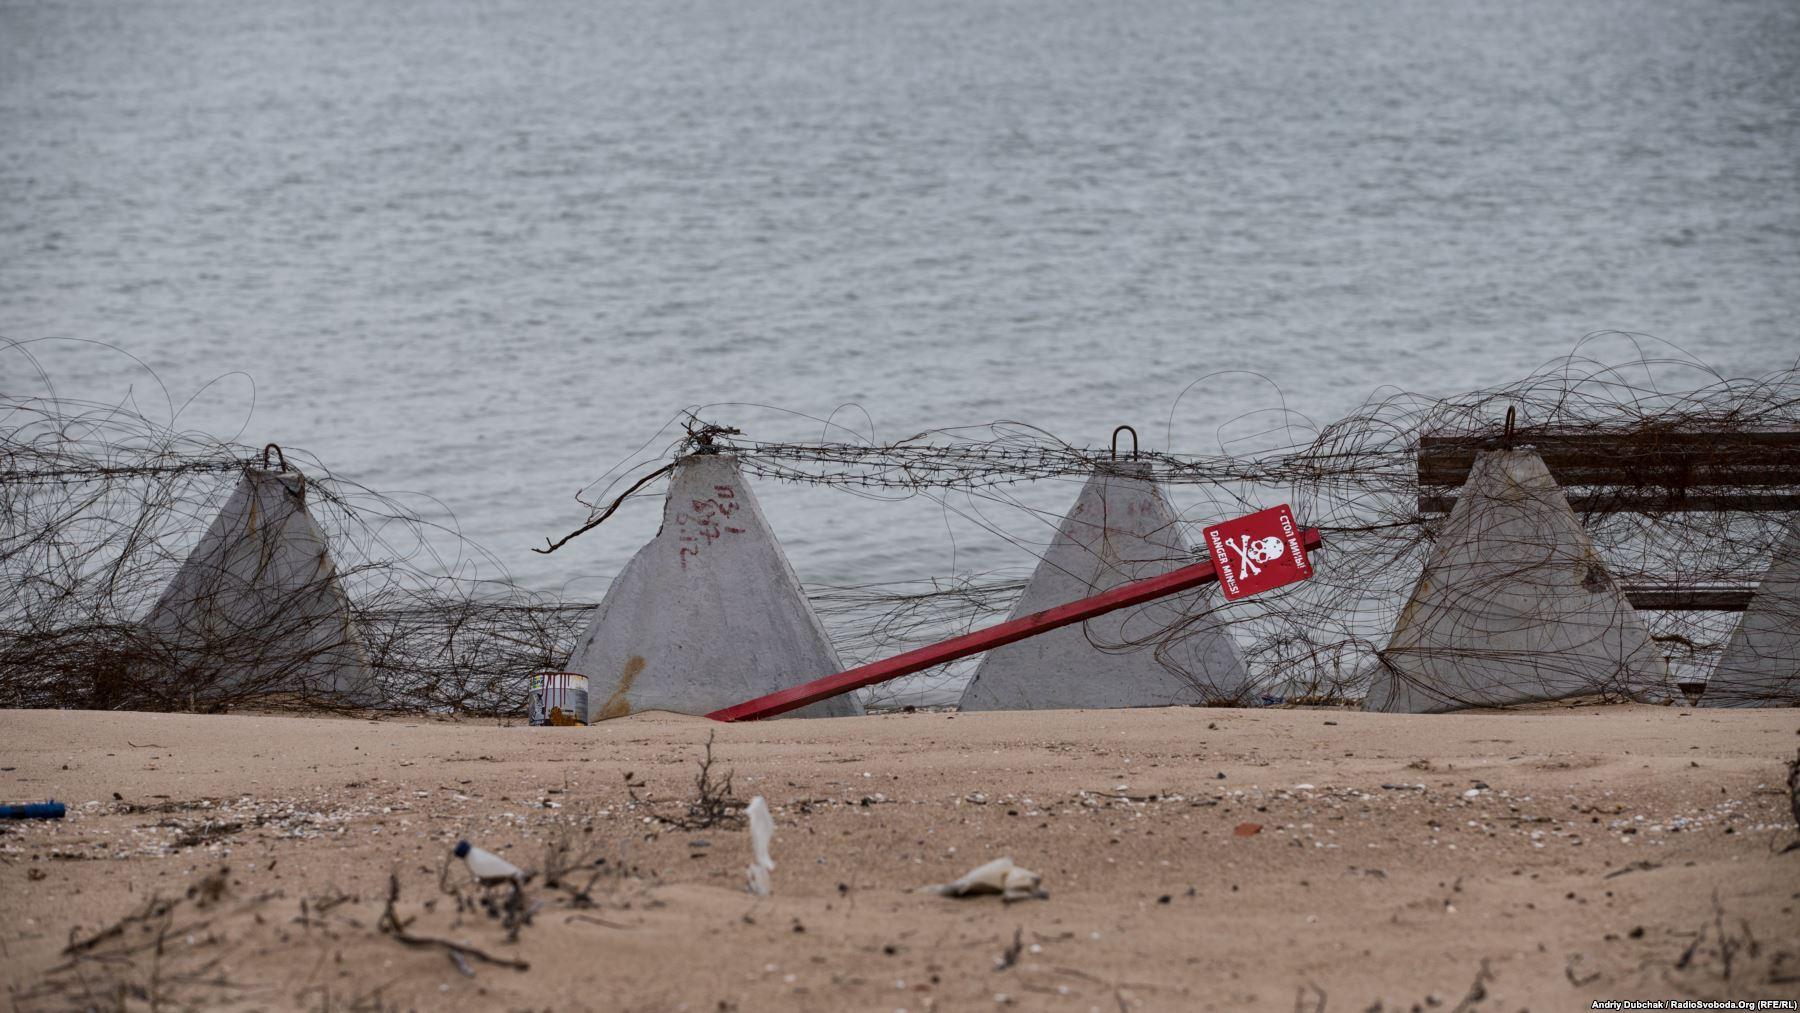 Узбережжя суцільно заміноване на випадок висадки десанту противника з моря